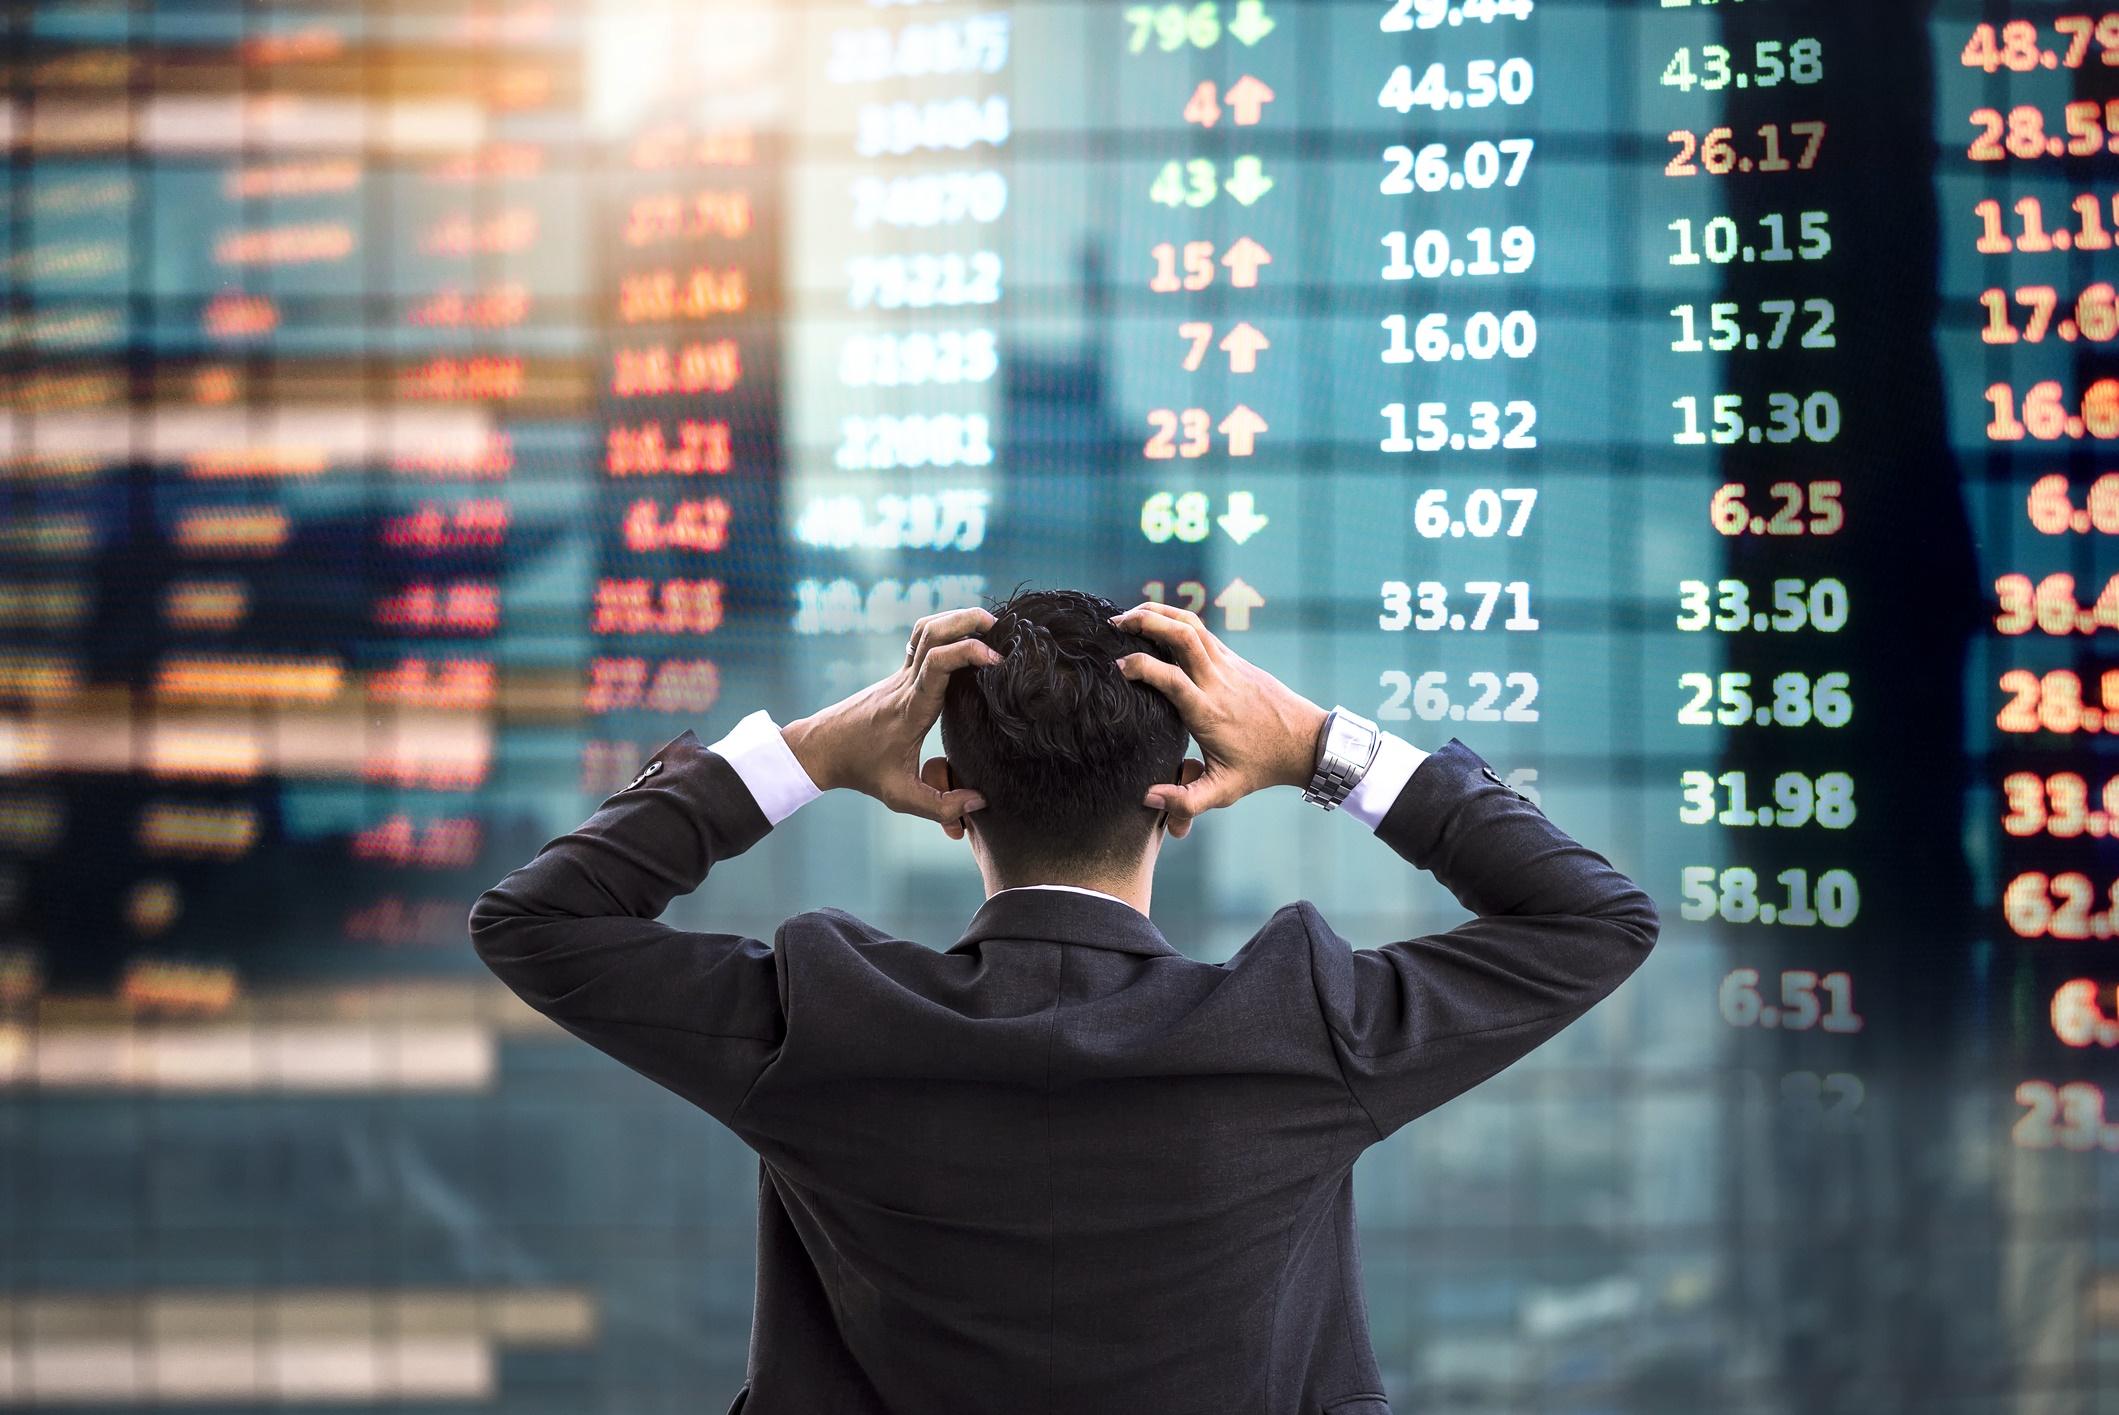 ecn lista brokerilor forex mt4 cum se investește cripta monedă